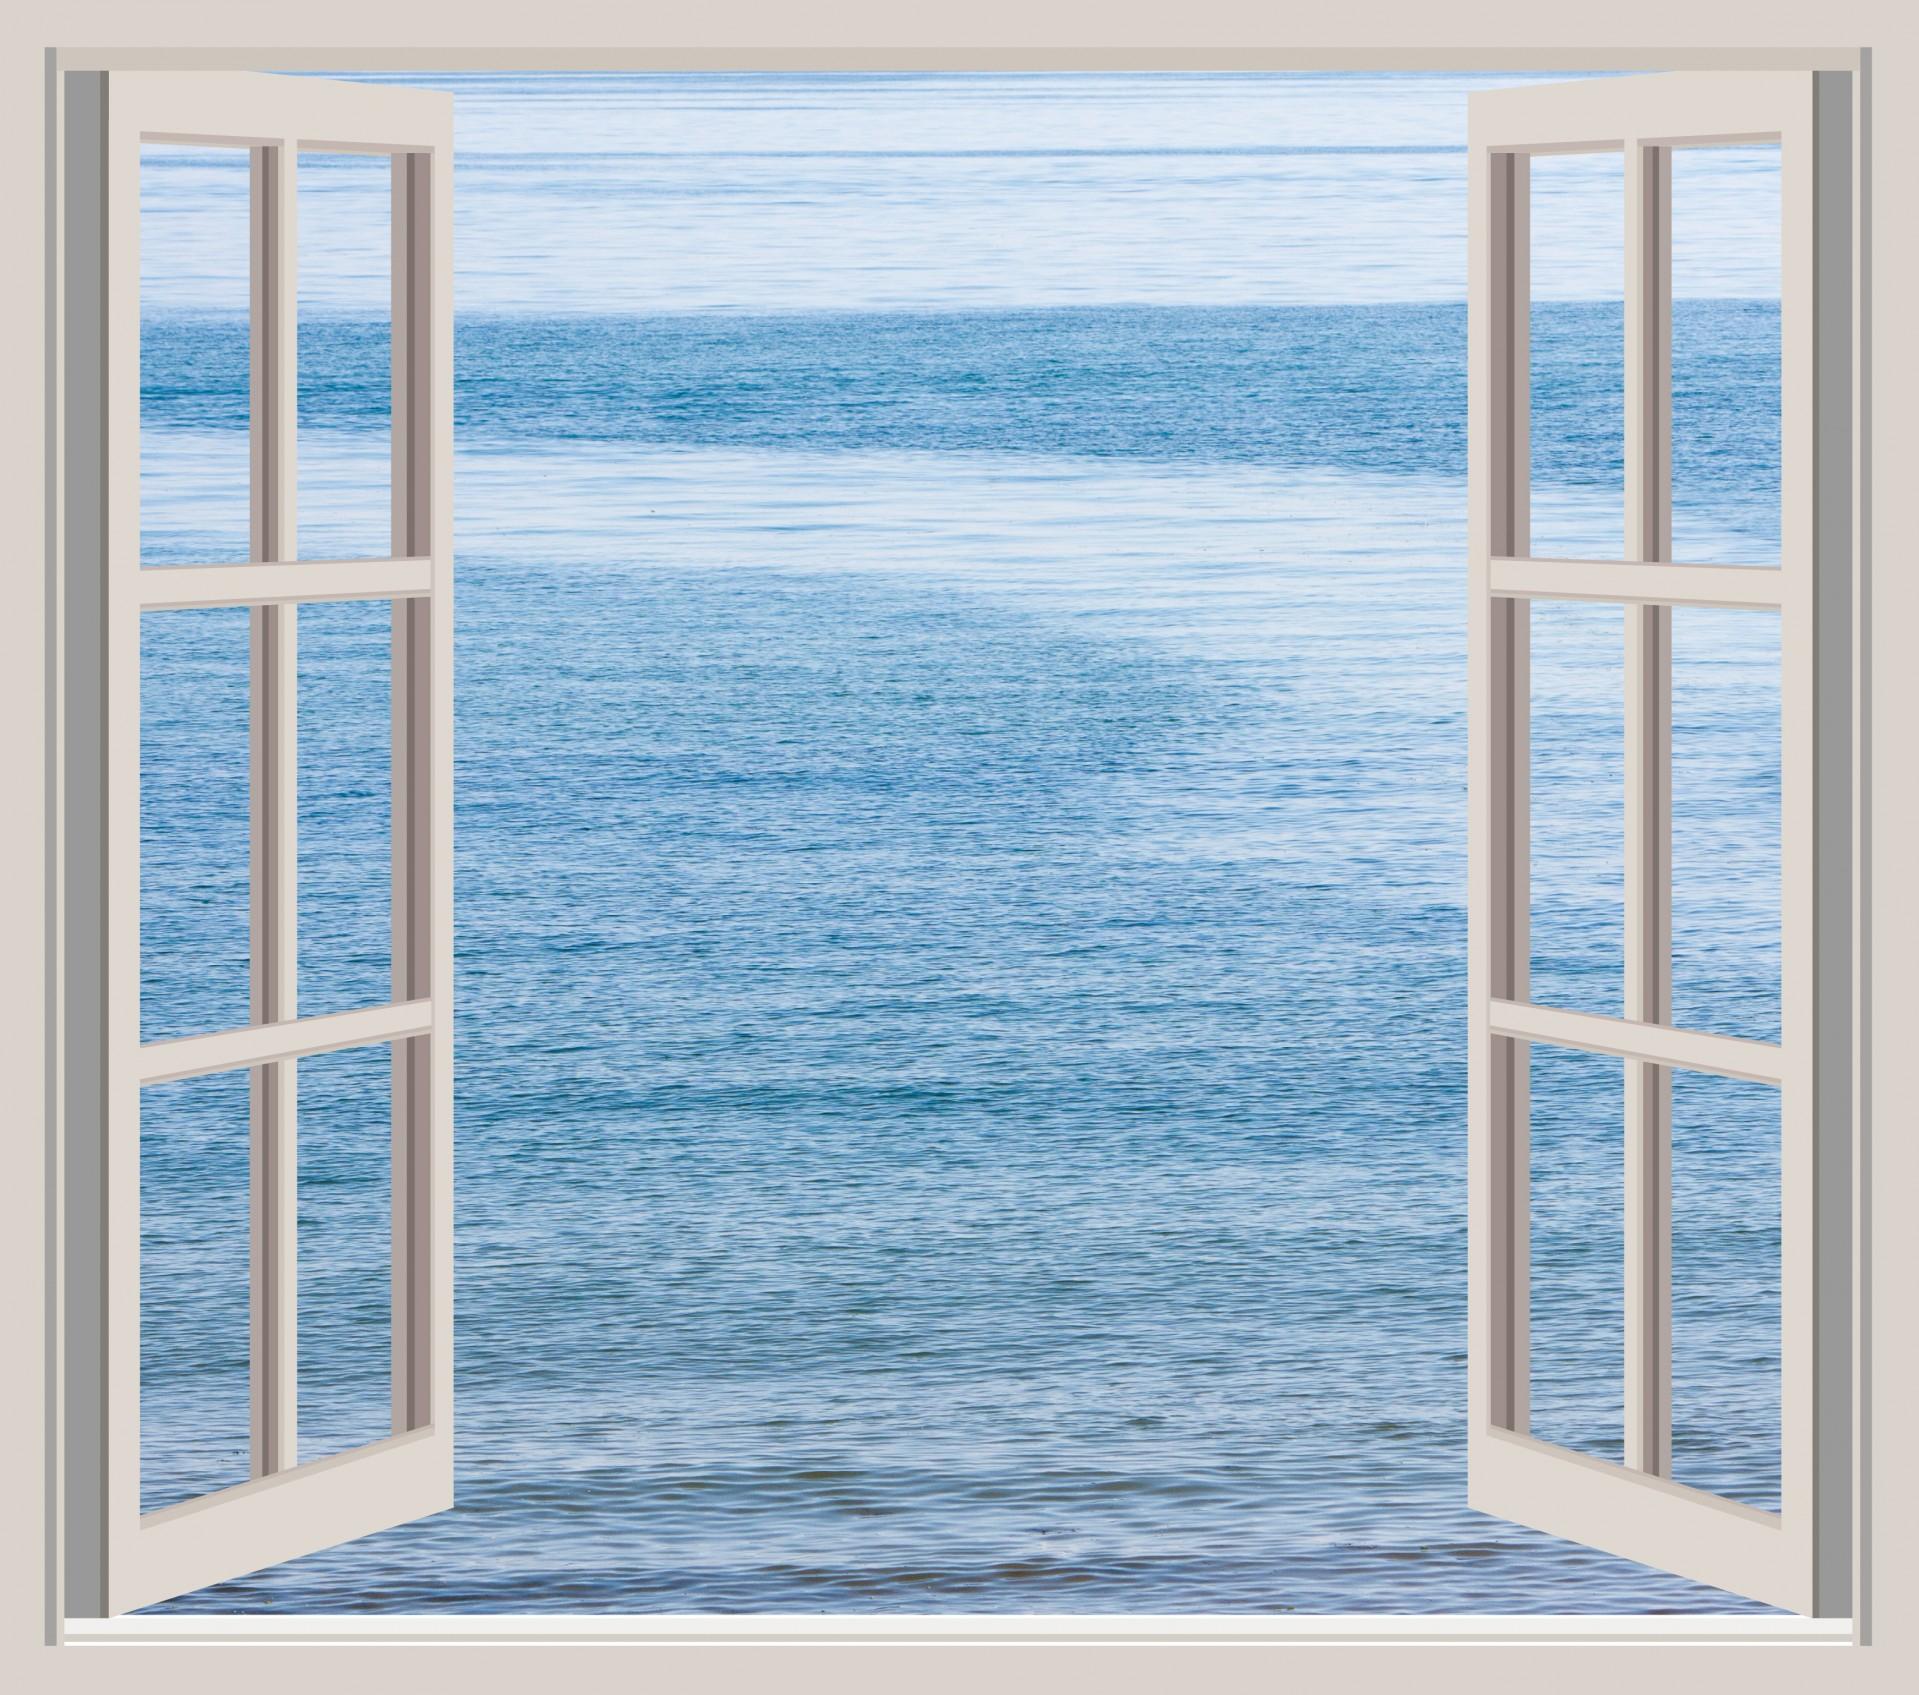 Open_Window-new.jpg